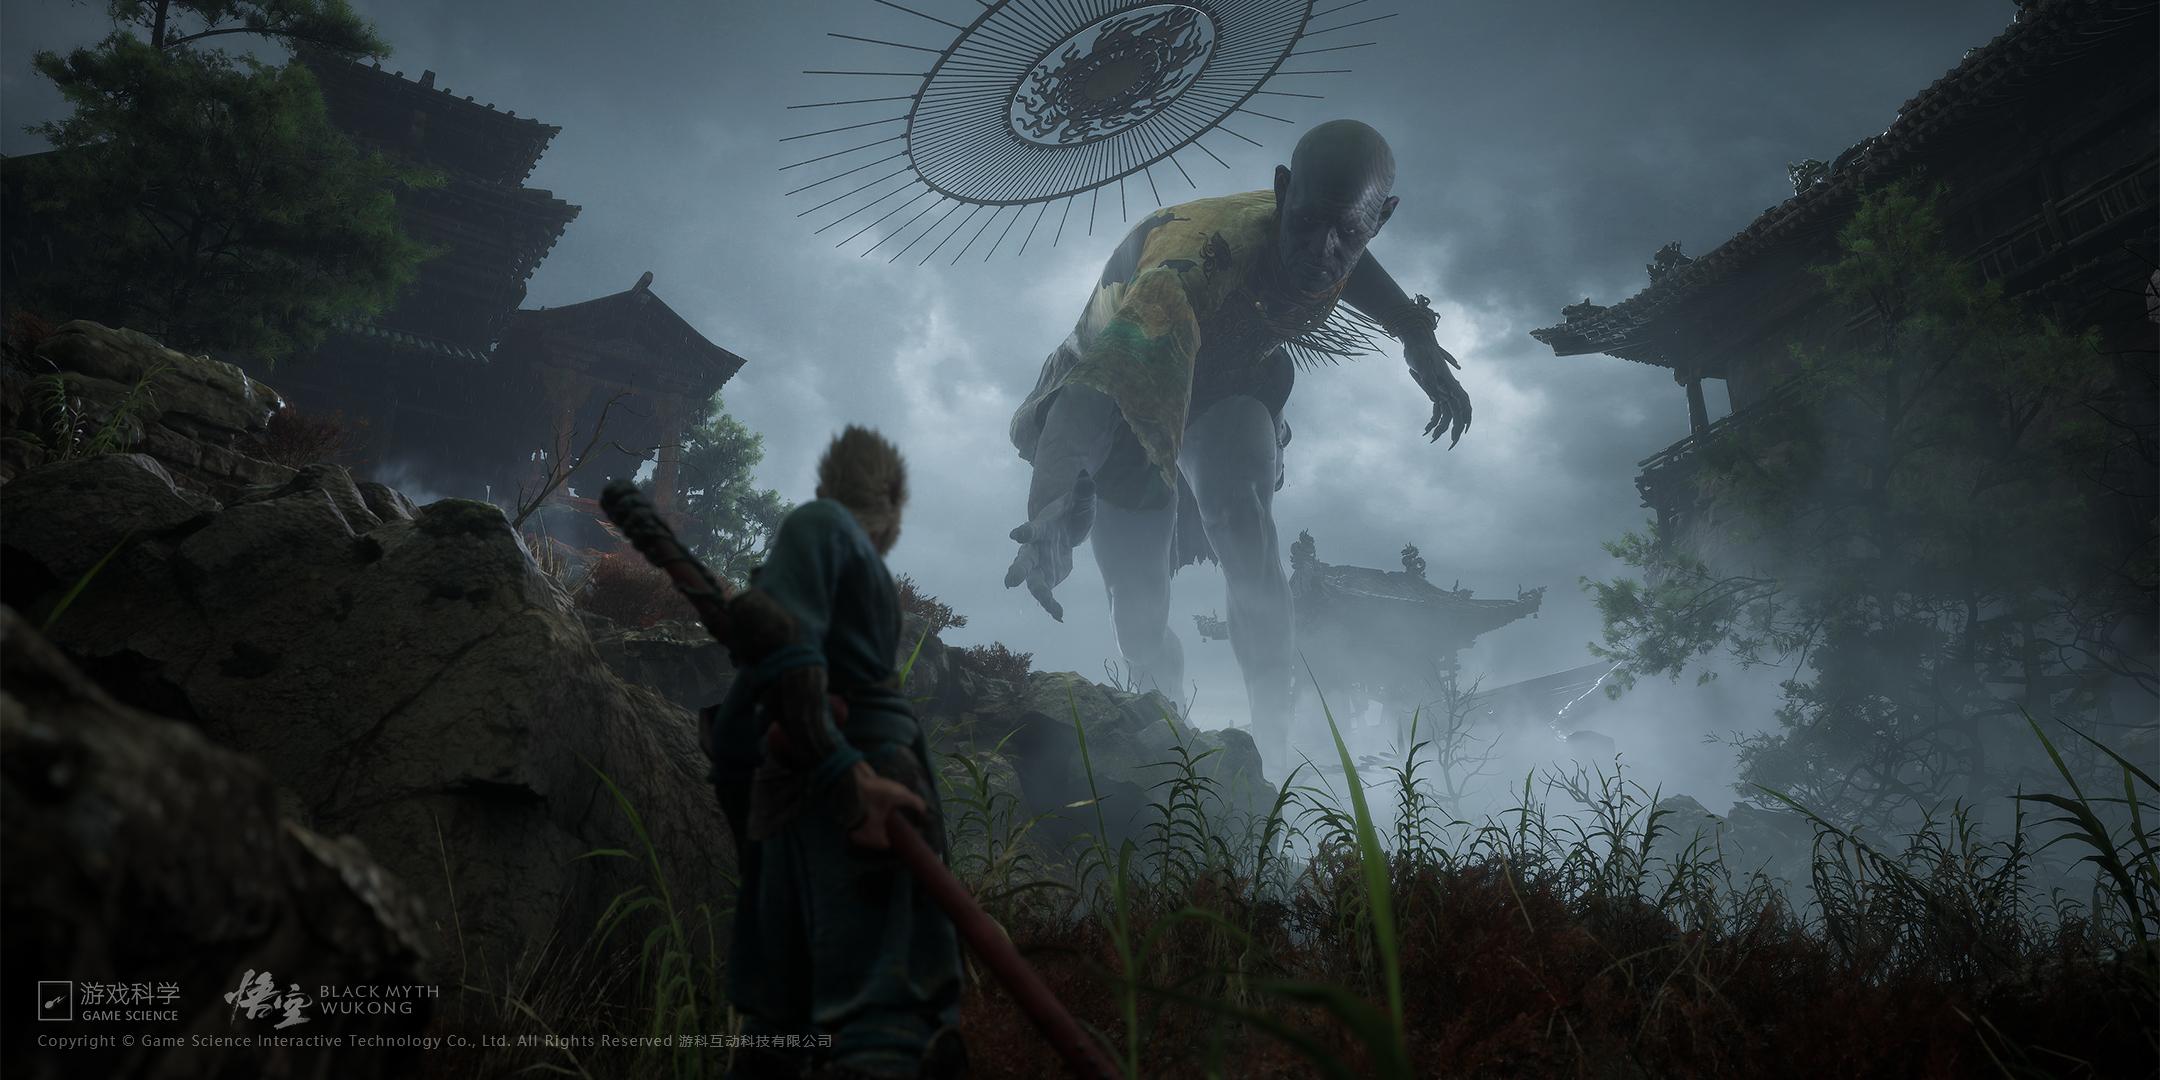 疯狂刷屏点赞!游戏科学《黑神话:悟空》惊艳亮相、技惊四座